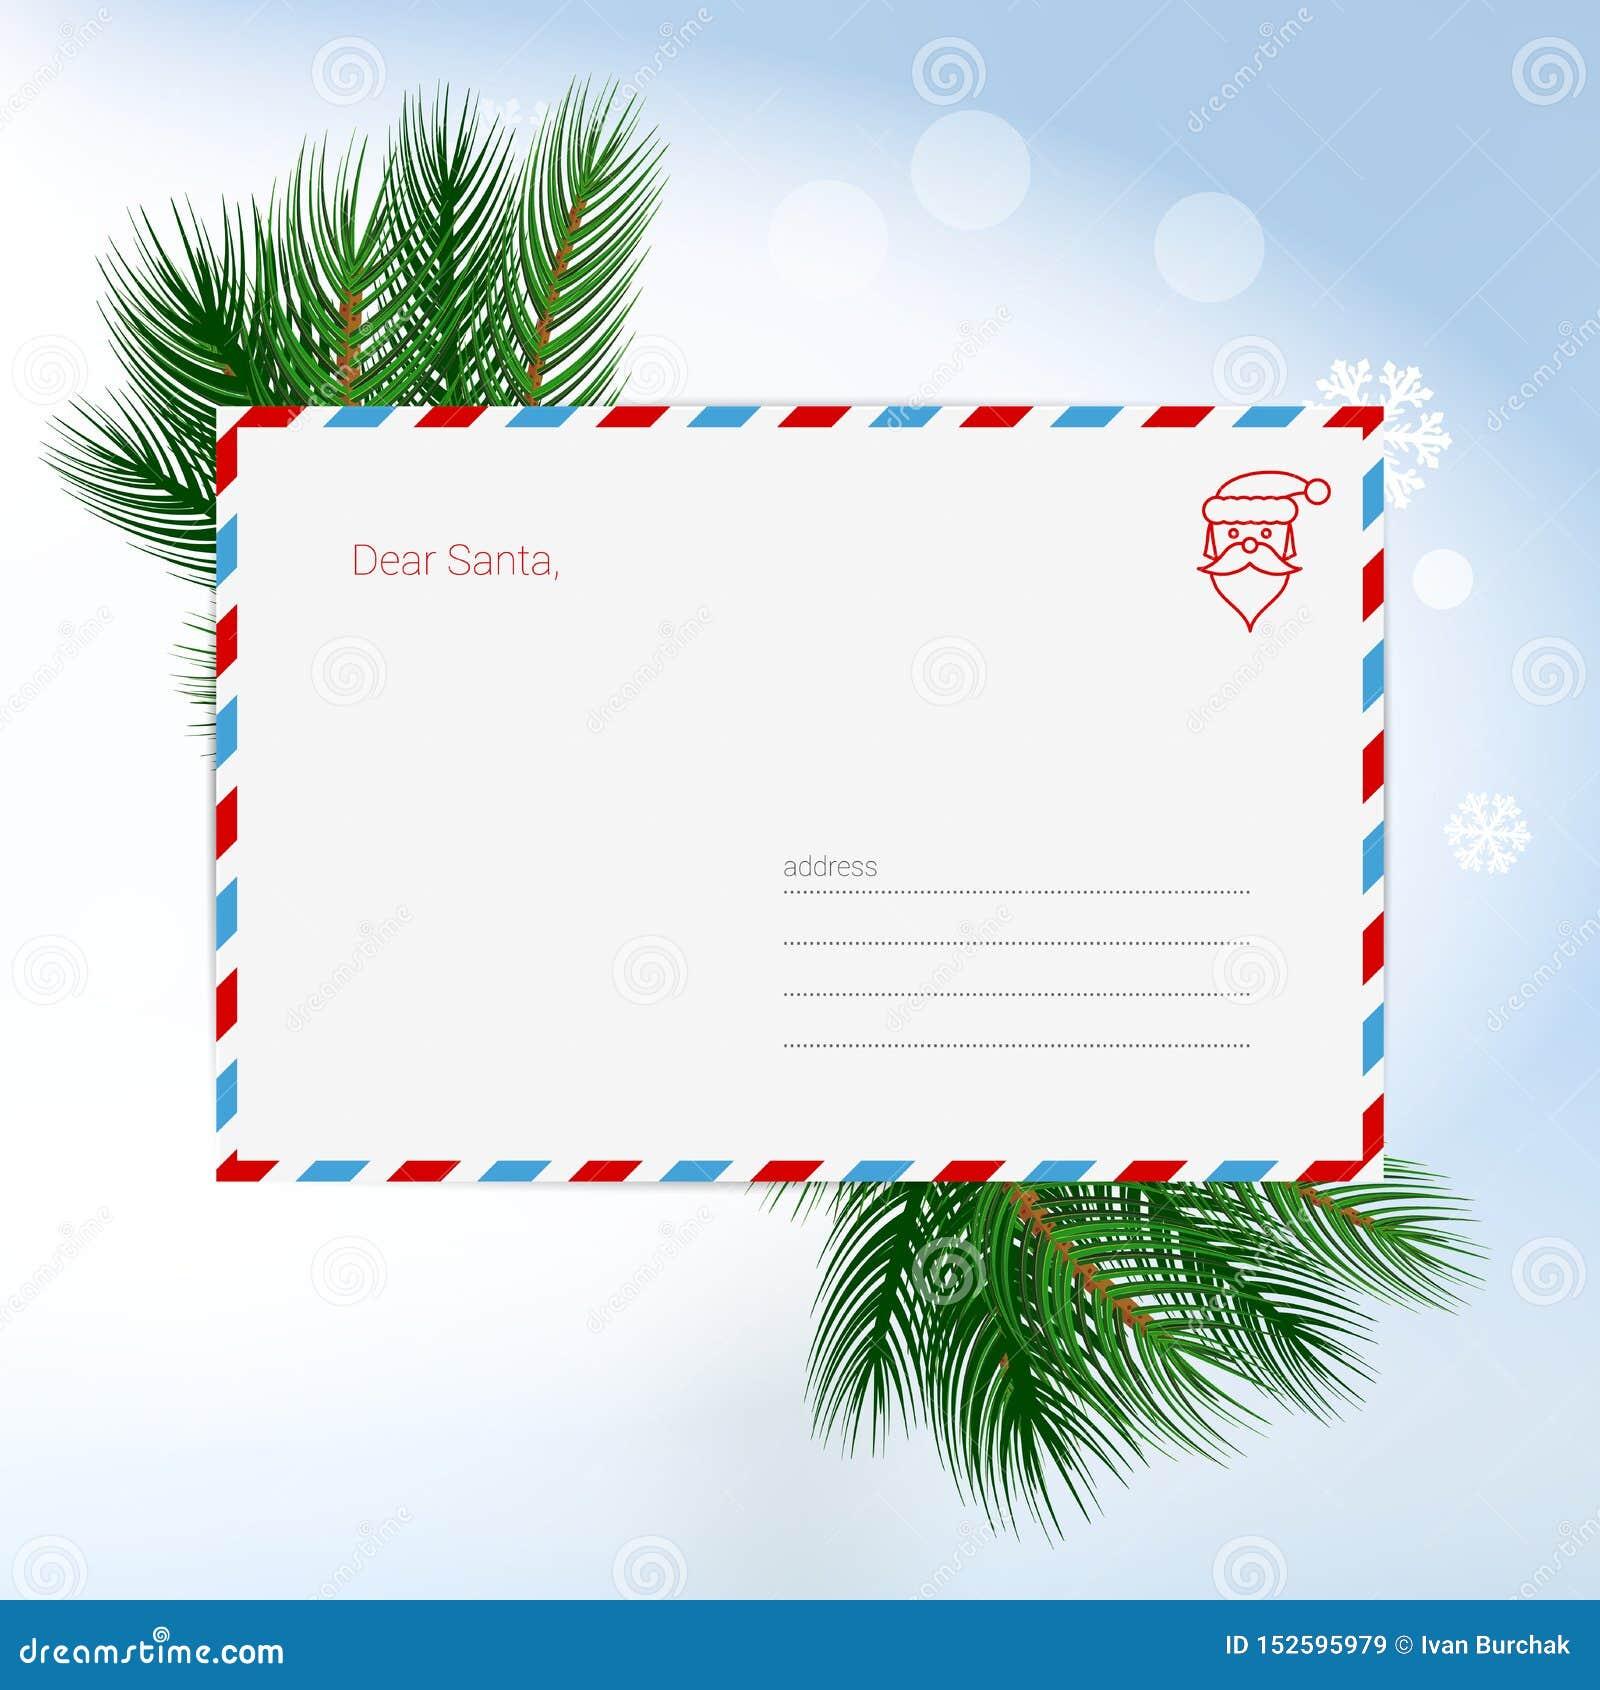 Beste Santa Christmas Letter in Envelop, de Lijst van de Kindwens voor Santa Claus Lege prentbriefkaar Vector illustratie